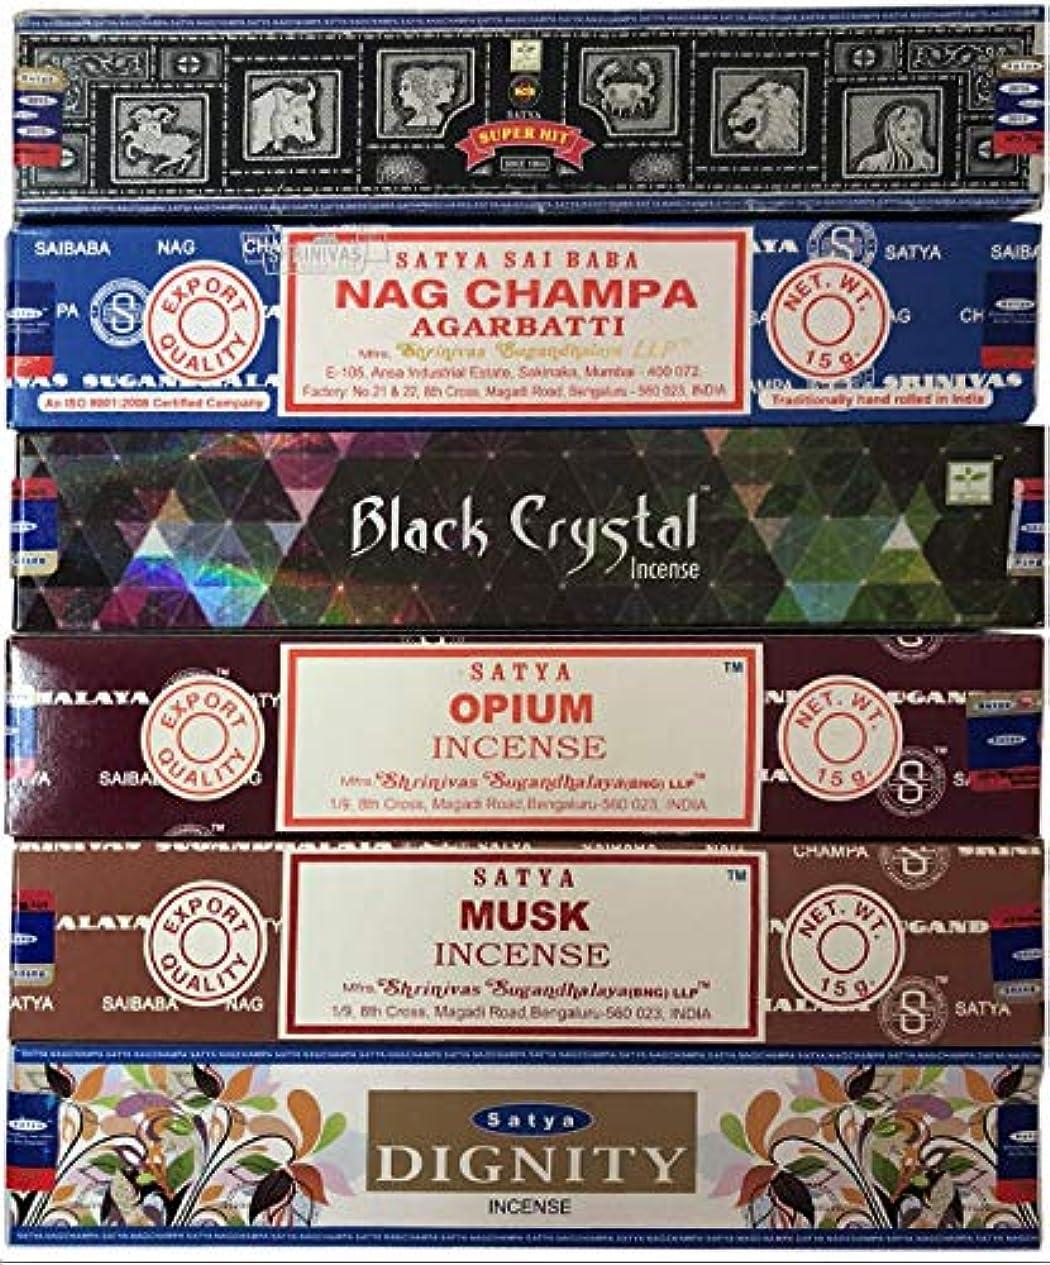 アスレチック触覚こどもの宮殿Nag Champa 6ピース バラエティーパック ナグチャンプ スーパーヒット ブラッククリスタル オピウム ムスク ディグニティ